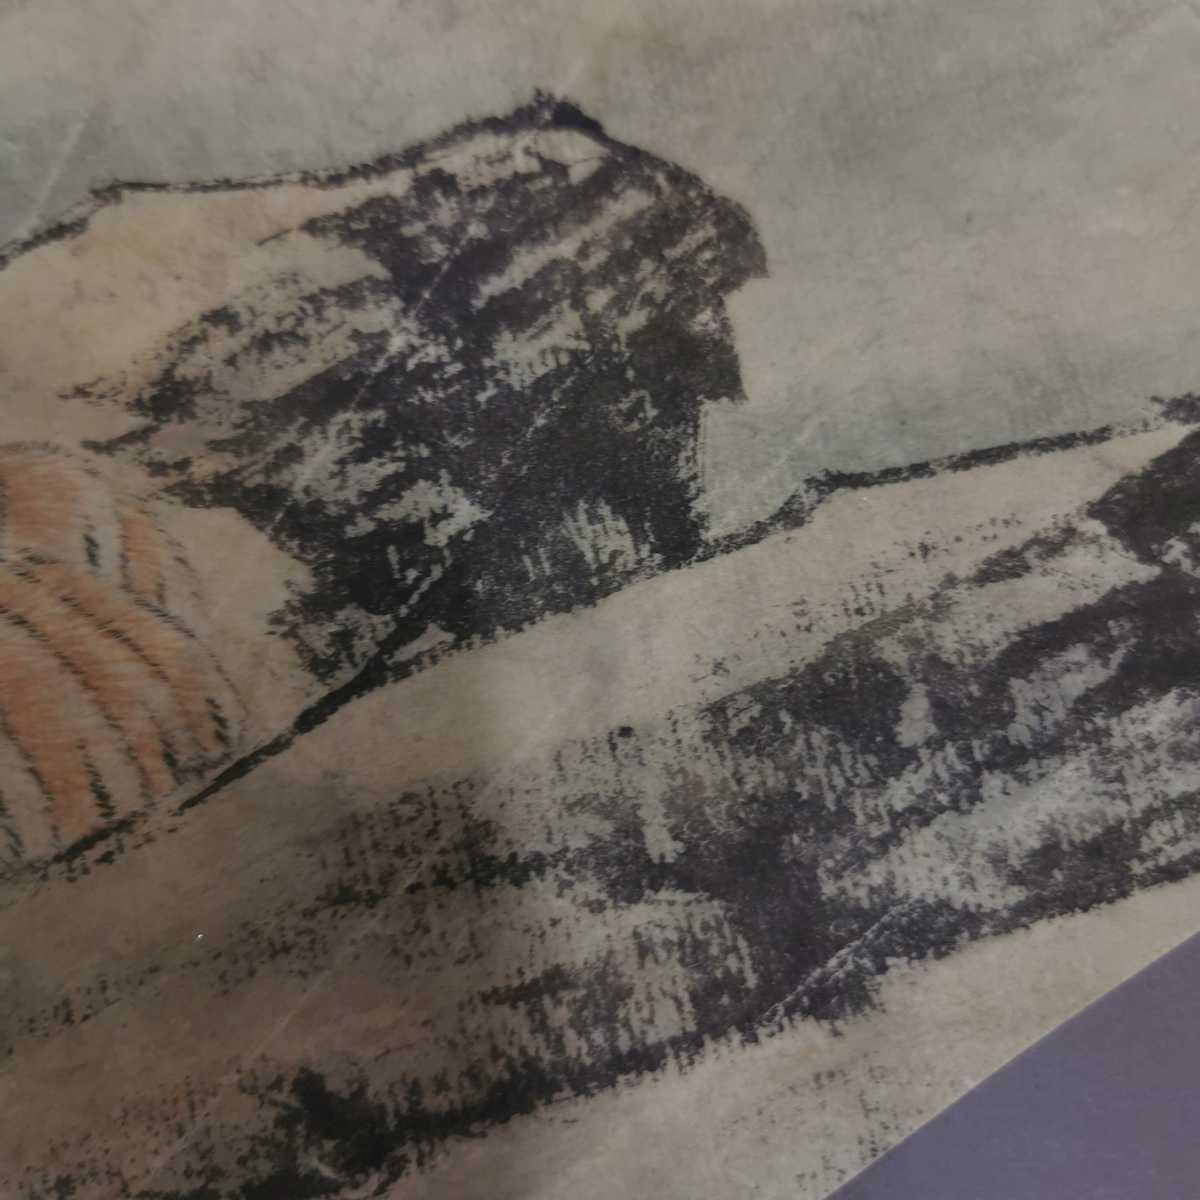 中国美術 扇面 掛軸 虎図 紙本 肉筆保証 掛け軸 時代物 在銘 中国古美術 唐物000307_画像7